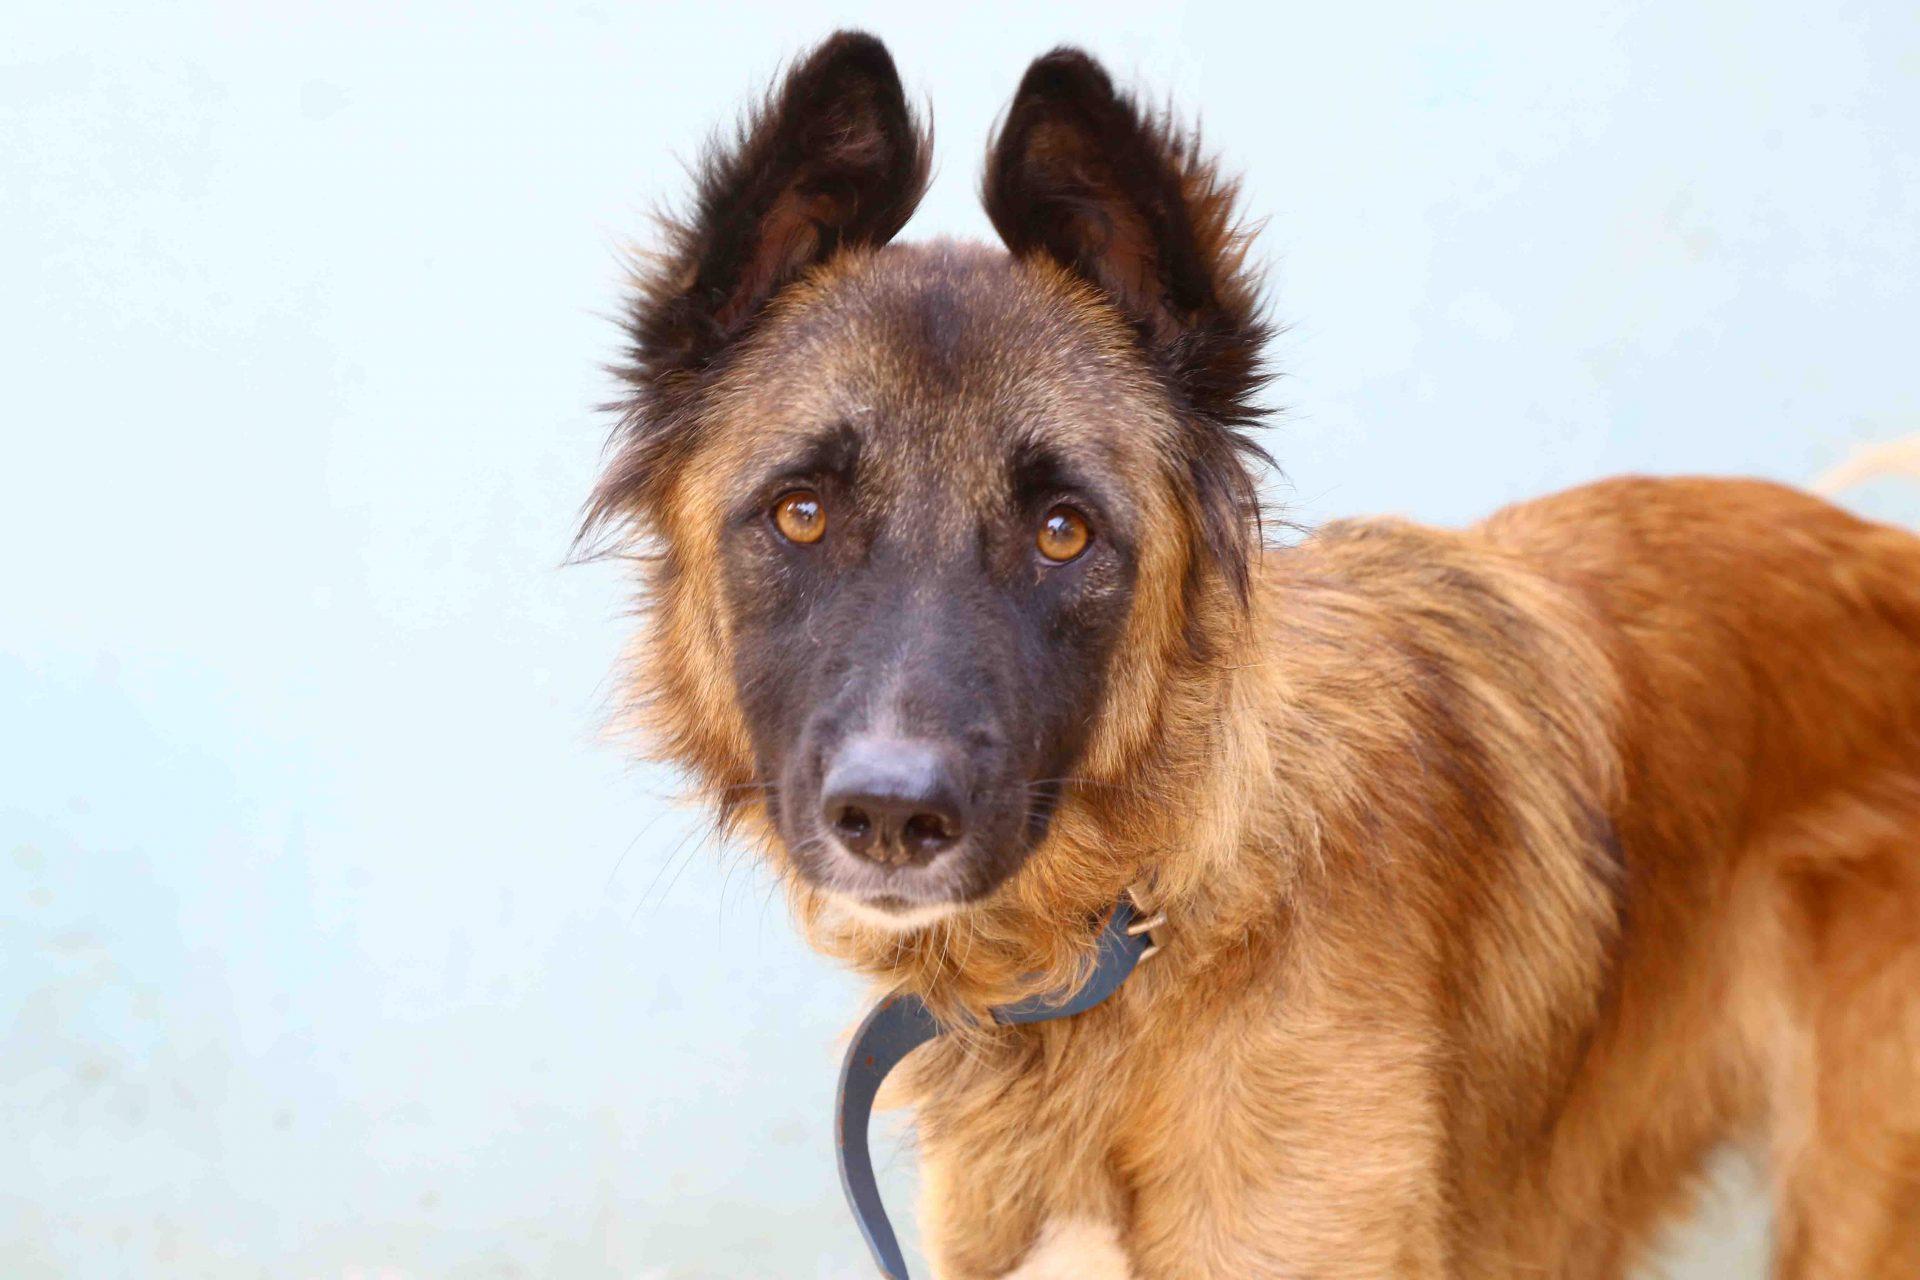 דייזי כלבה לאימוץ אגודת צער בעלי חיים בישראל